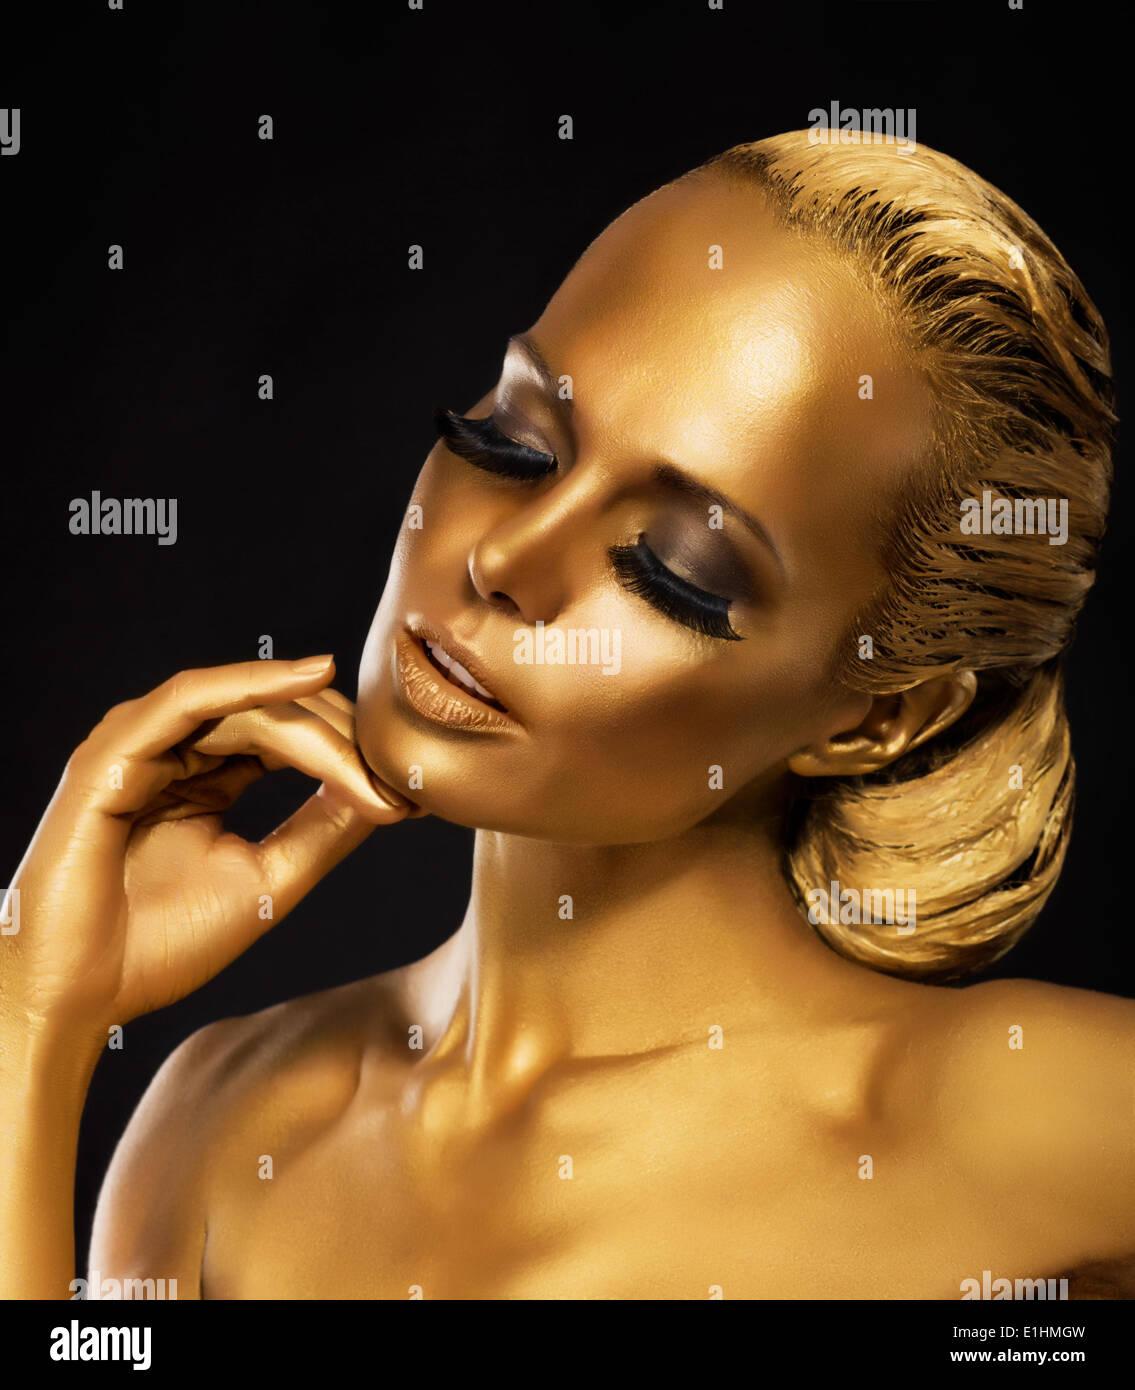 Stade. Le théâtre. Femme de luxe dans ses rêves. La couleur d'or. Bijoux Photo Stock